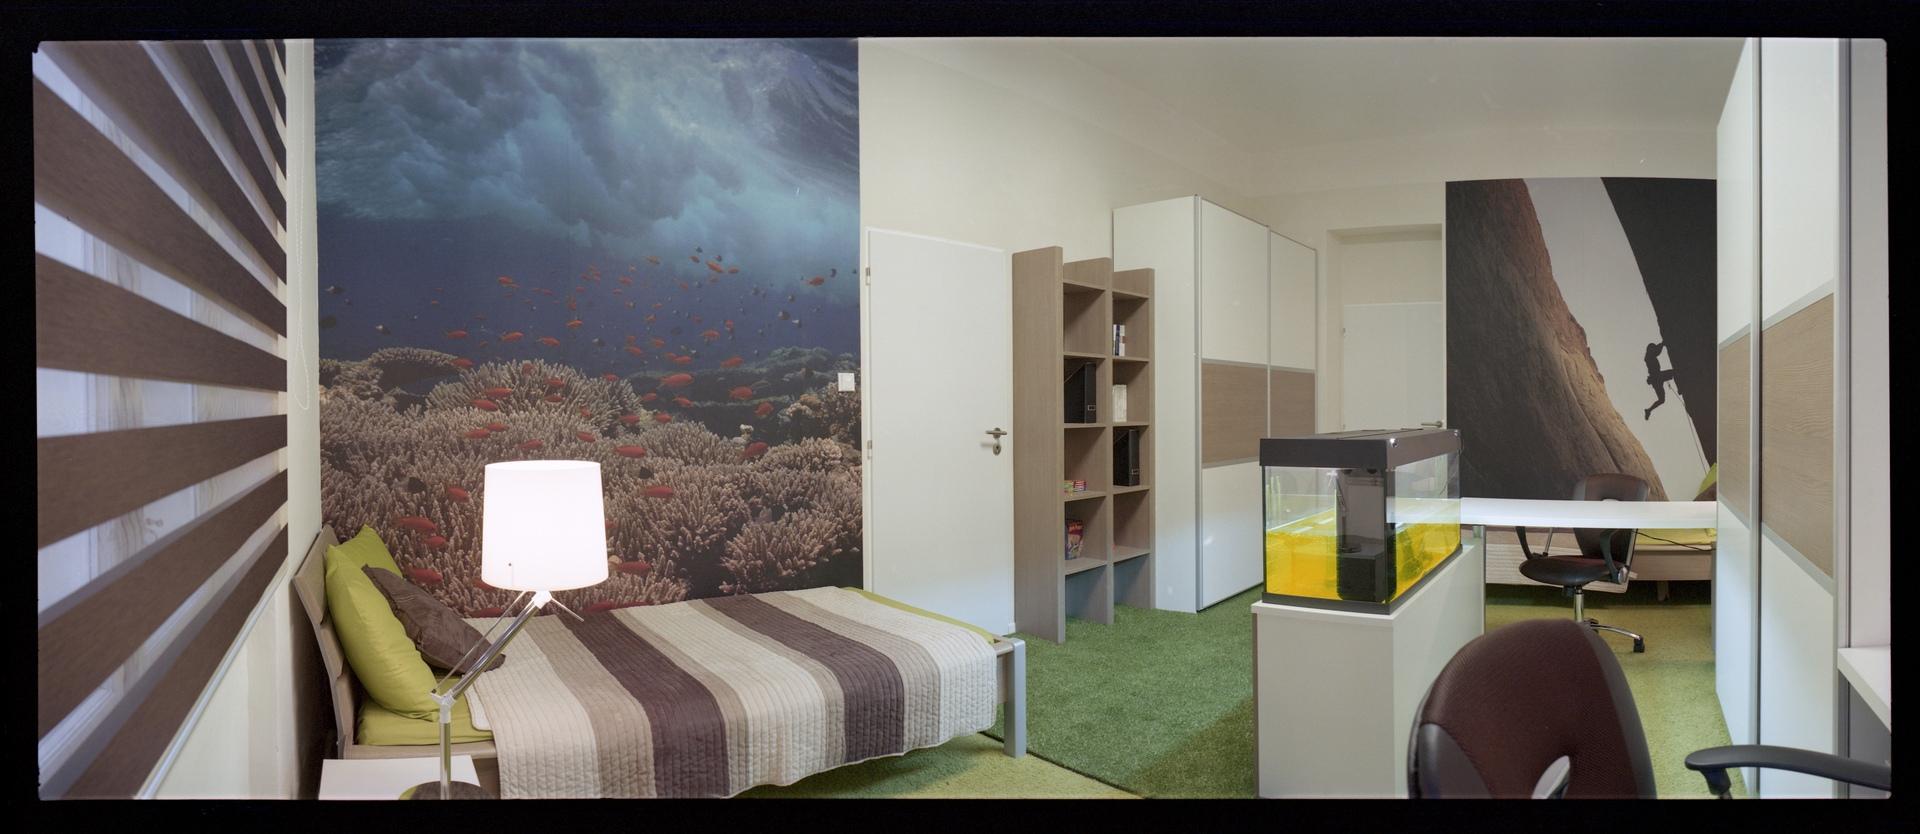 jak se staví sen - dva dětské pokoje 5